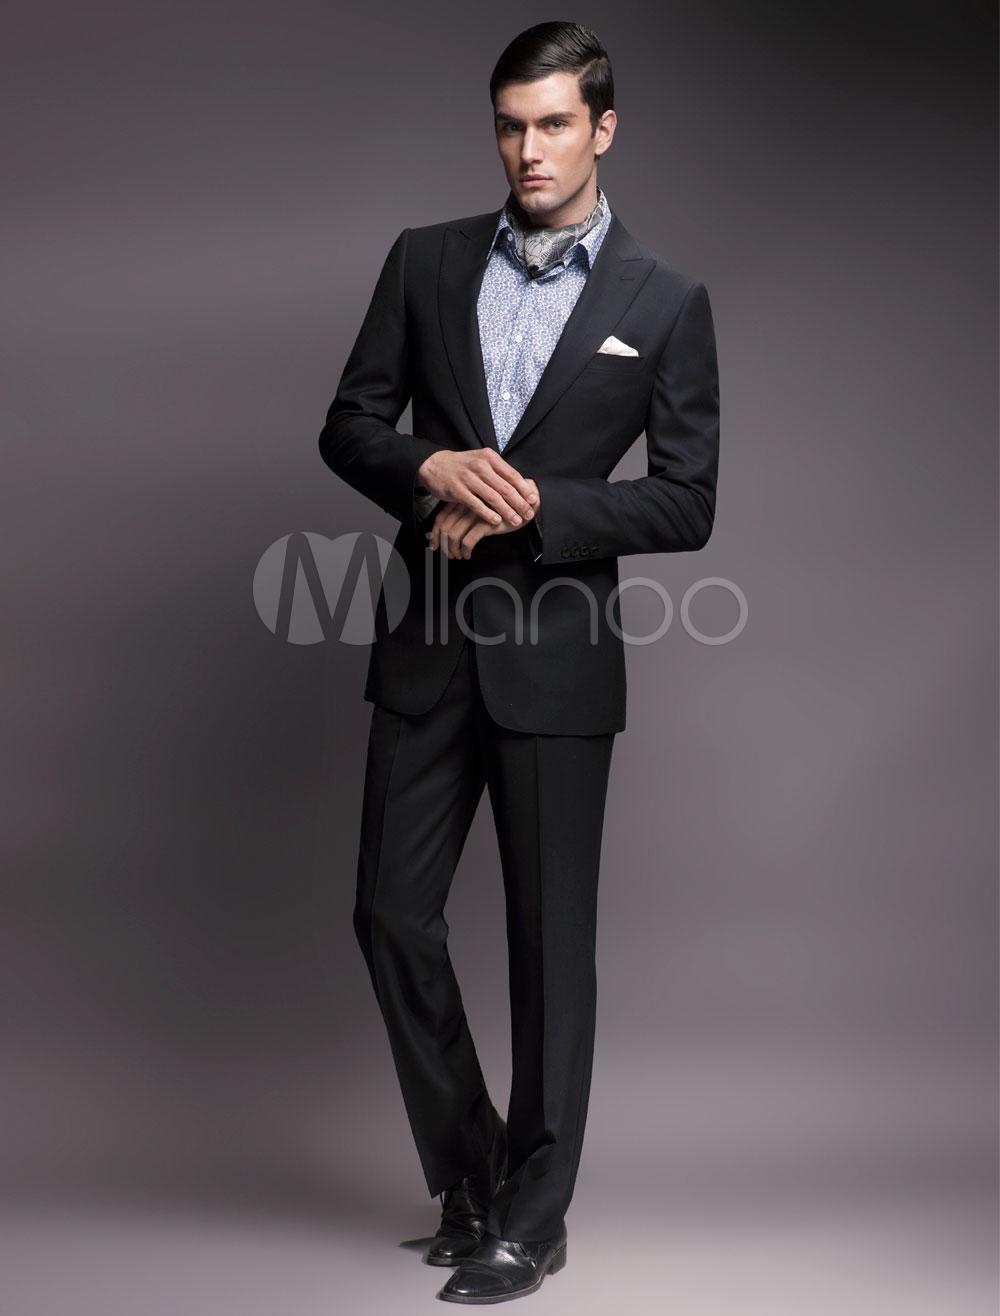 Trajes De Baño Azul Siete:Chaqueta de lana de azul marino oscuro para hombres – Milanoocom